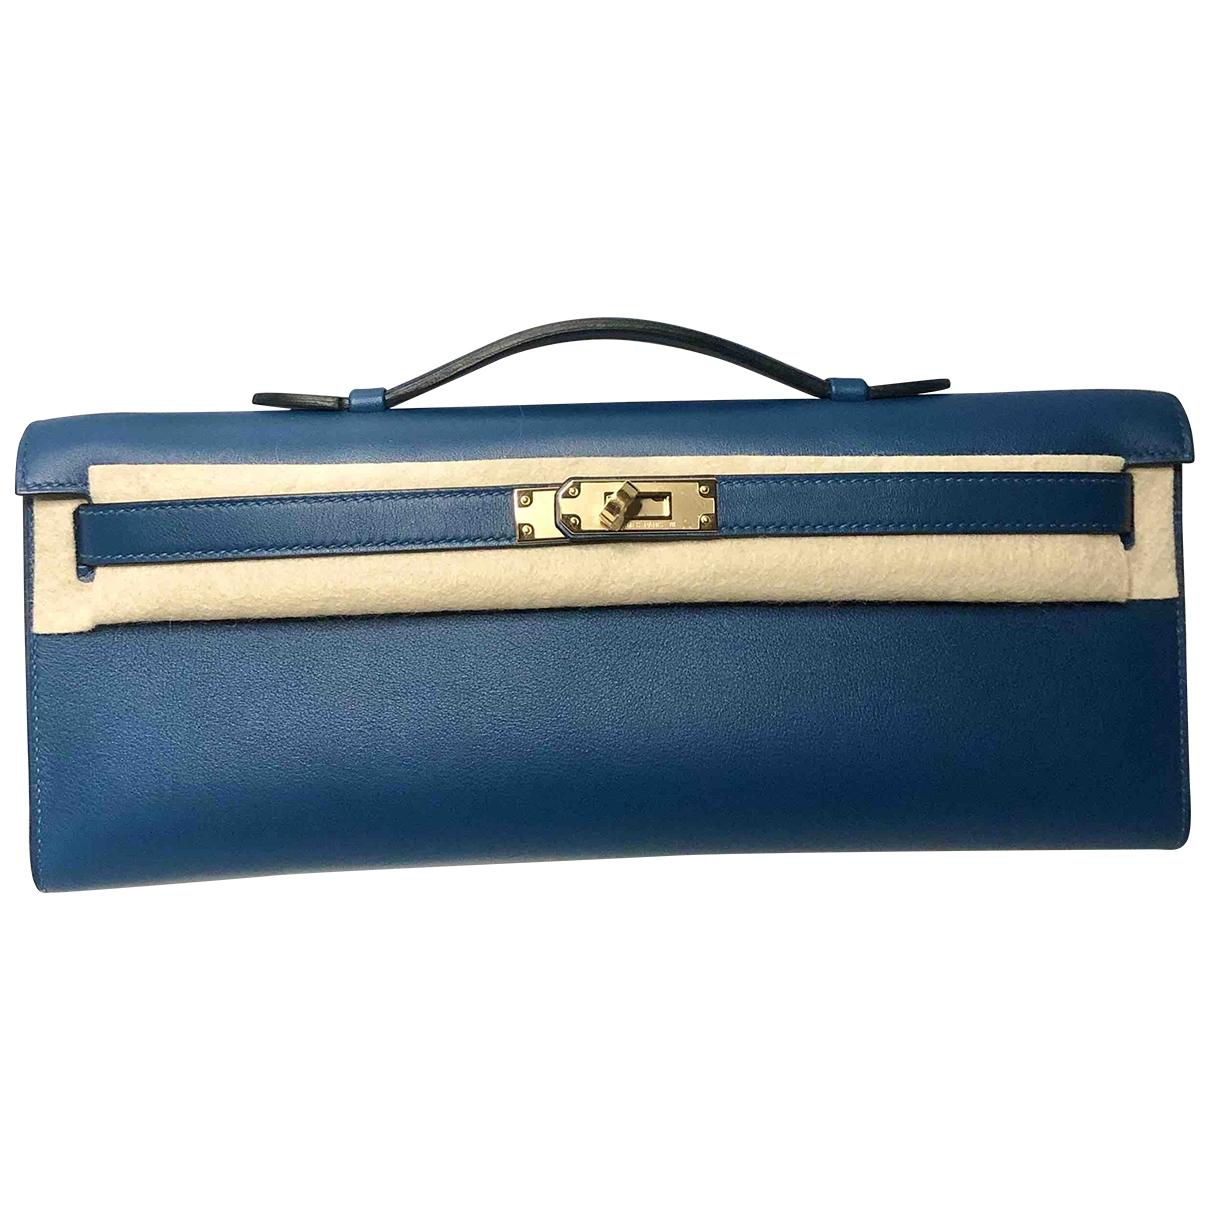 Hermès Kelly Cut Clutch Blue Leather Clutch bag for Women \N